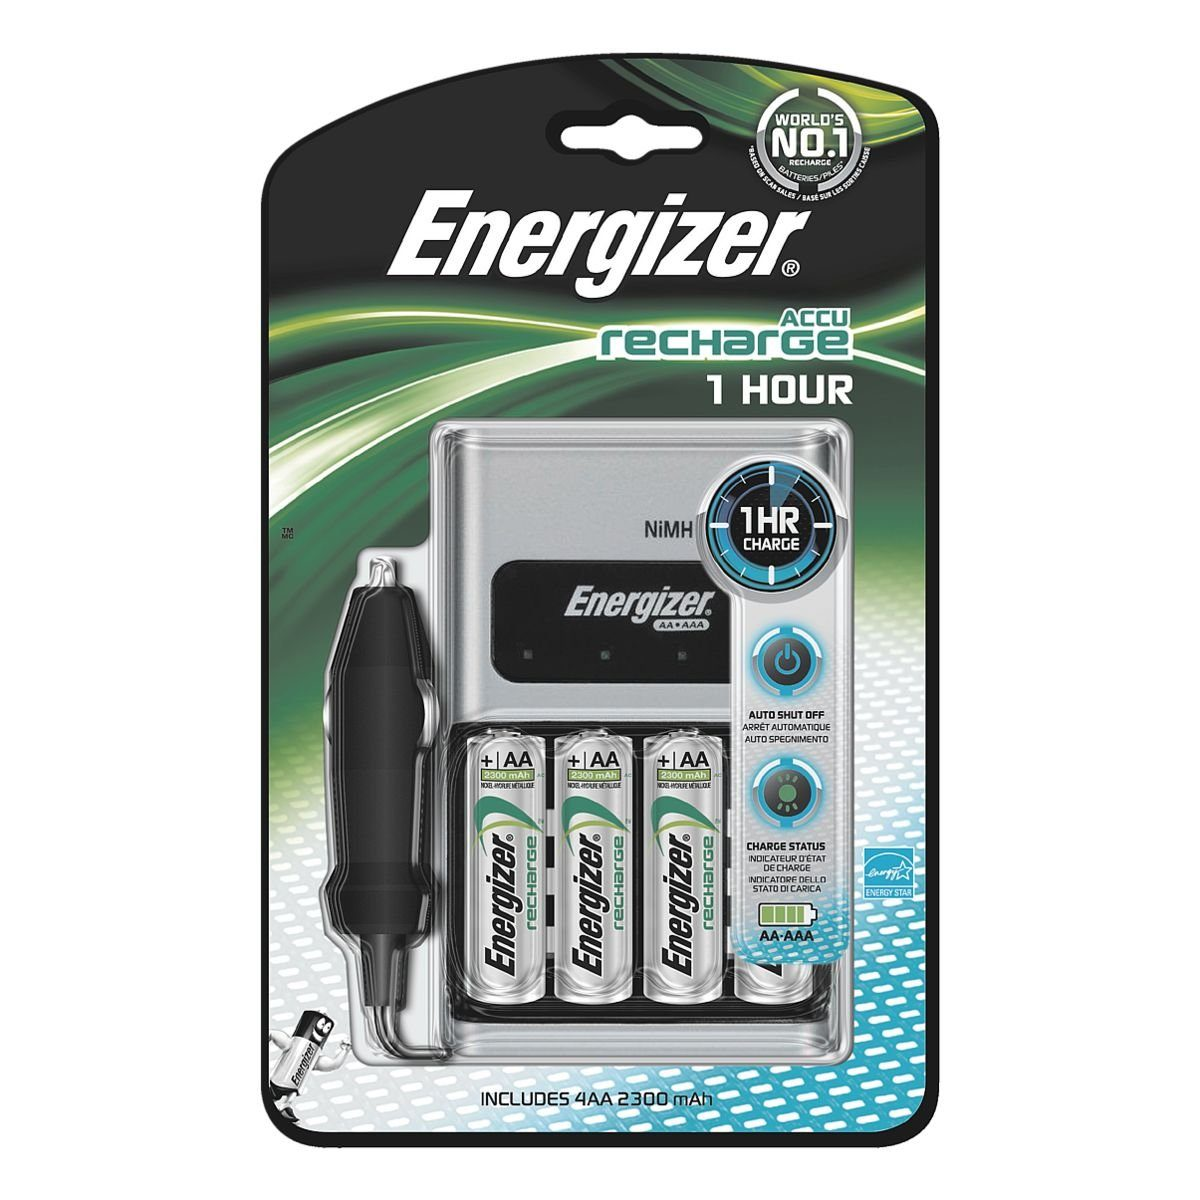 Energizer Schnellladegerät »1 H Charger«